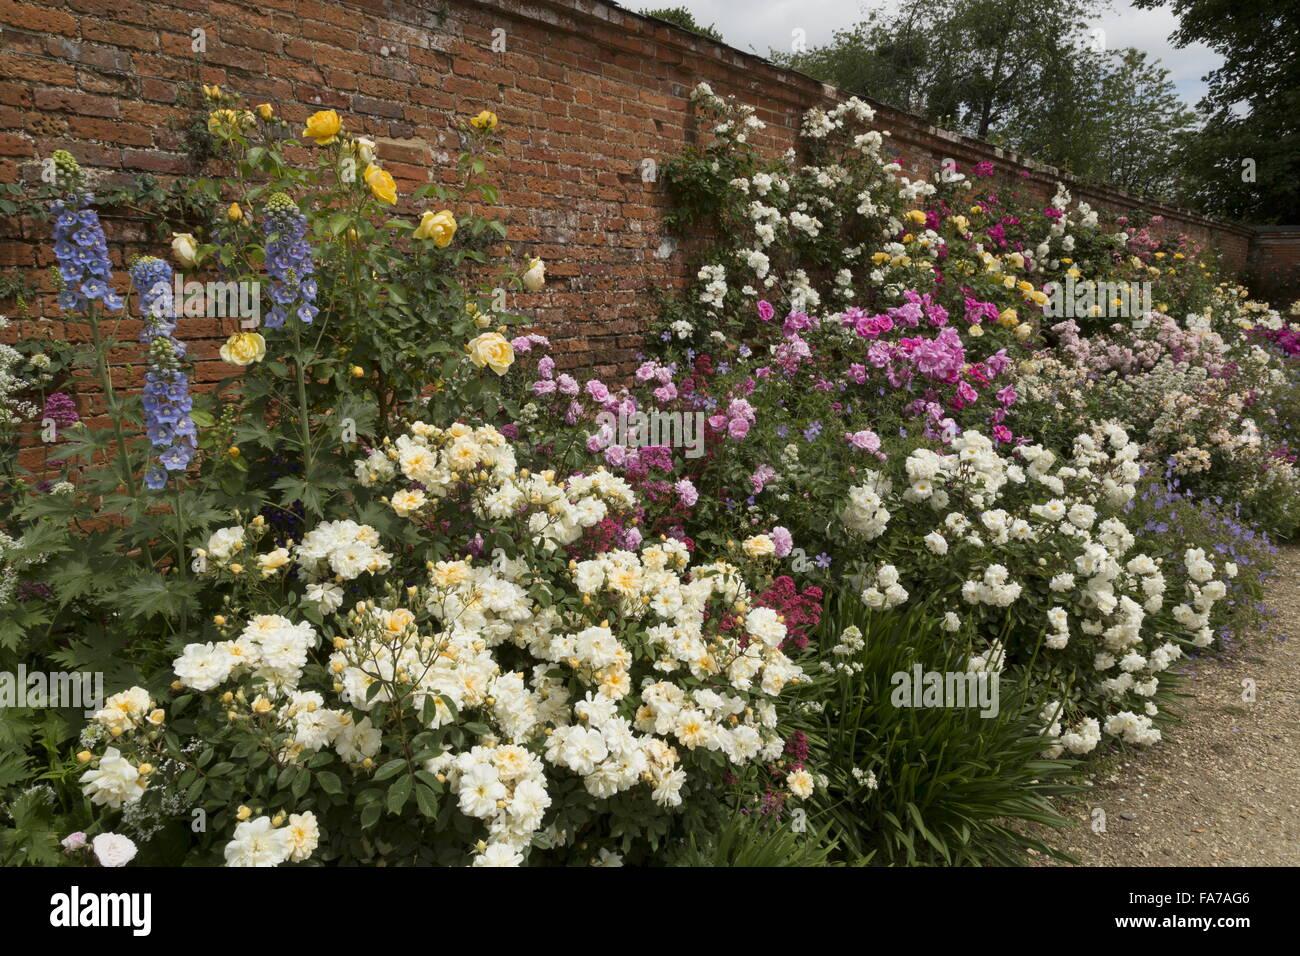 External Wall Stock Photos & External Wall Stock Images - Alamy